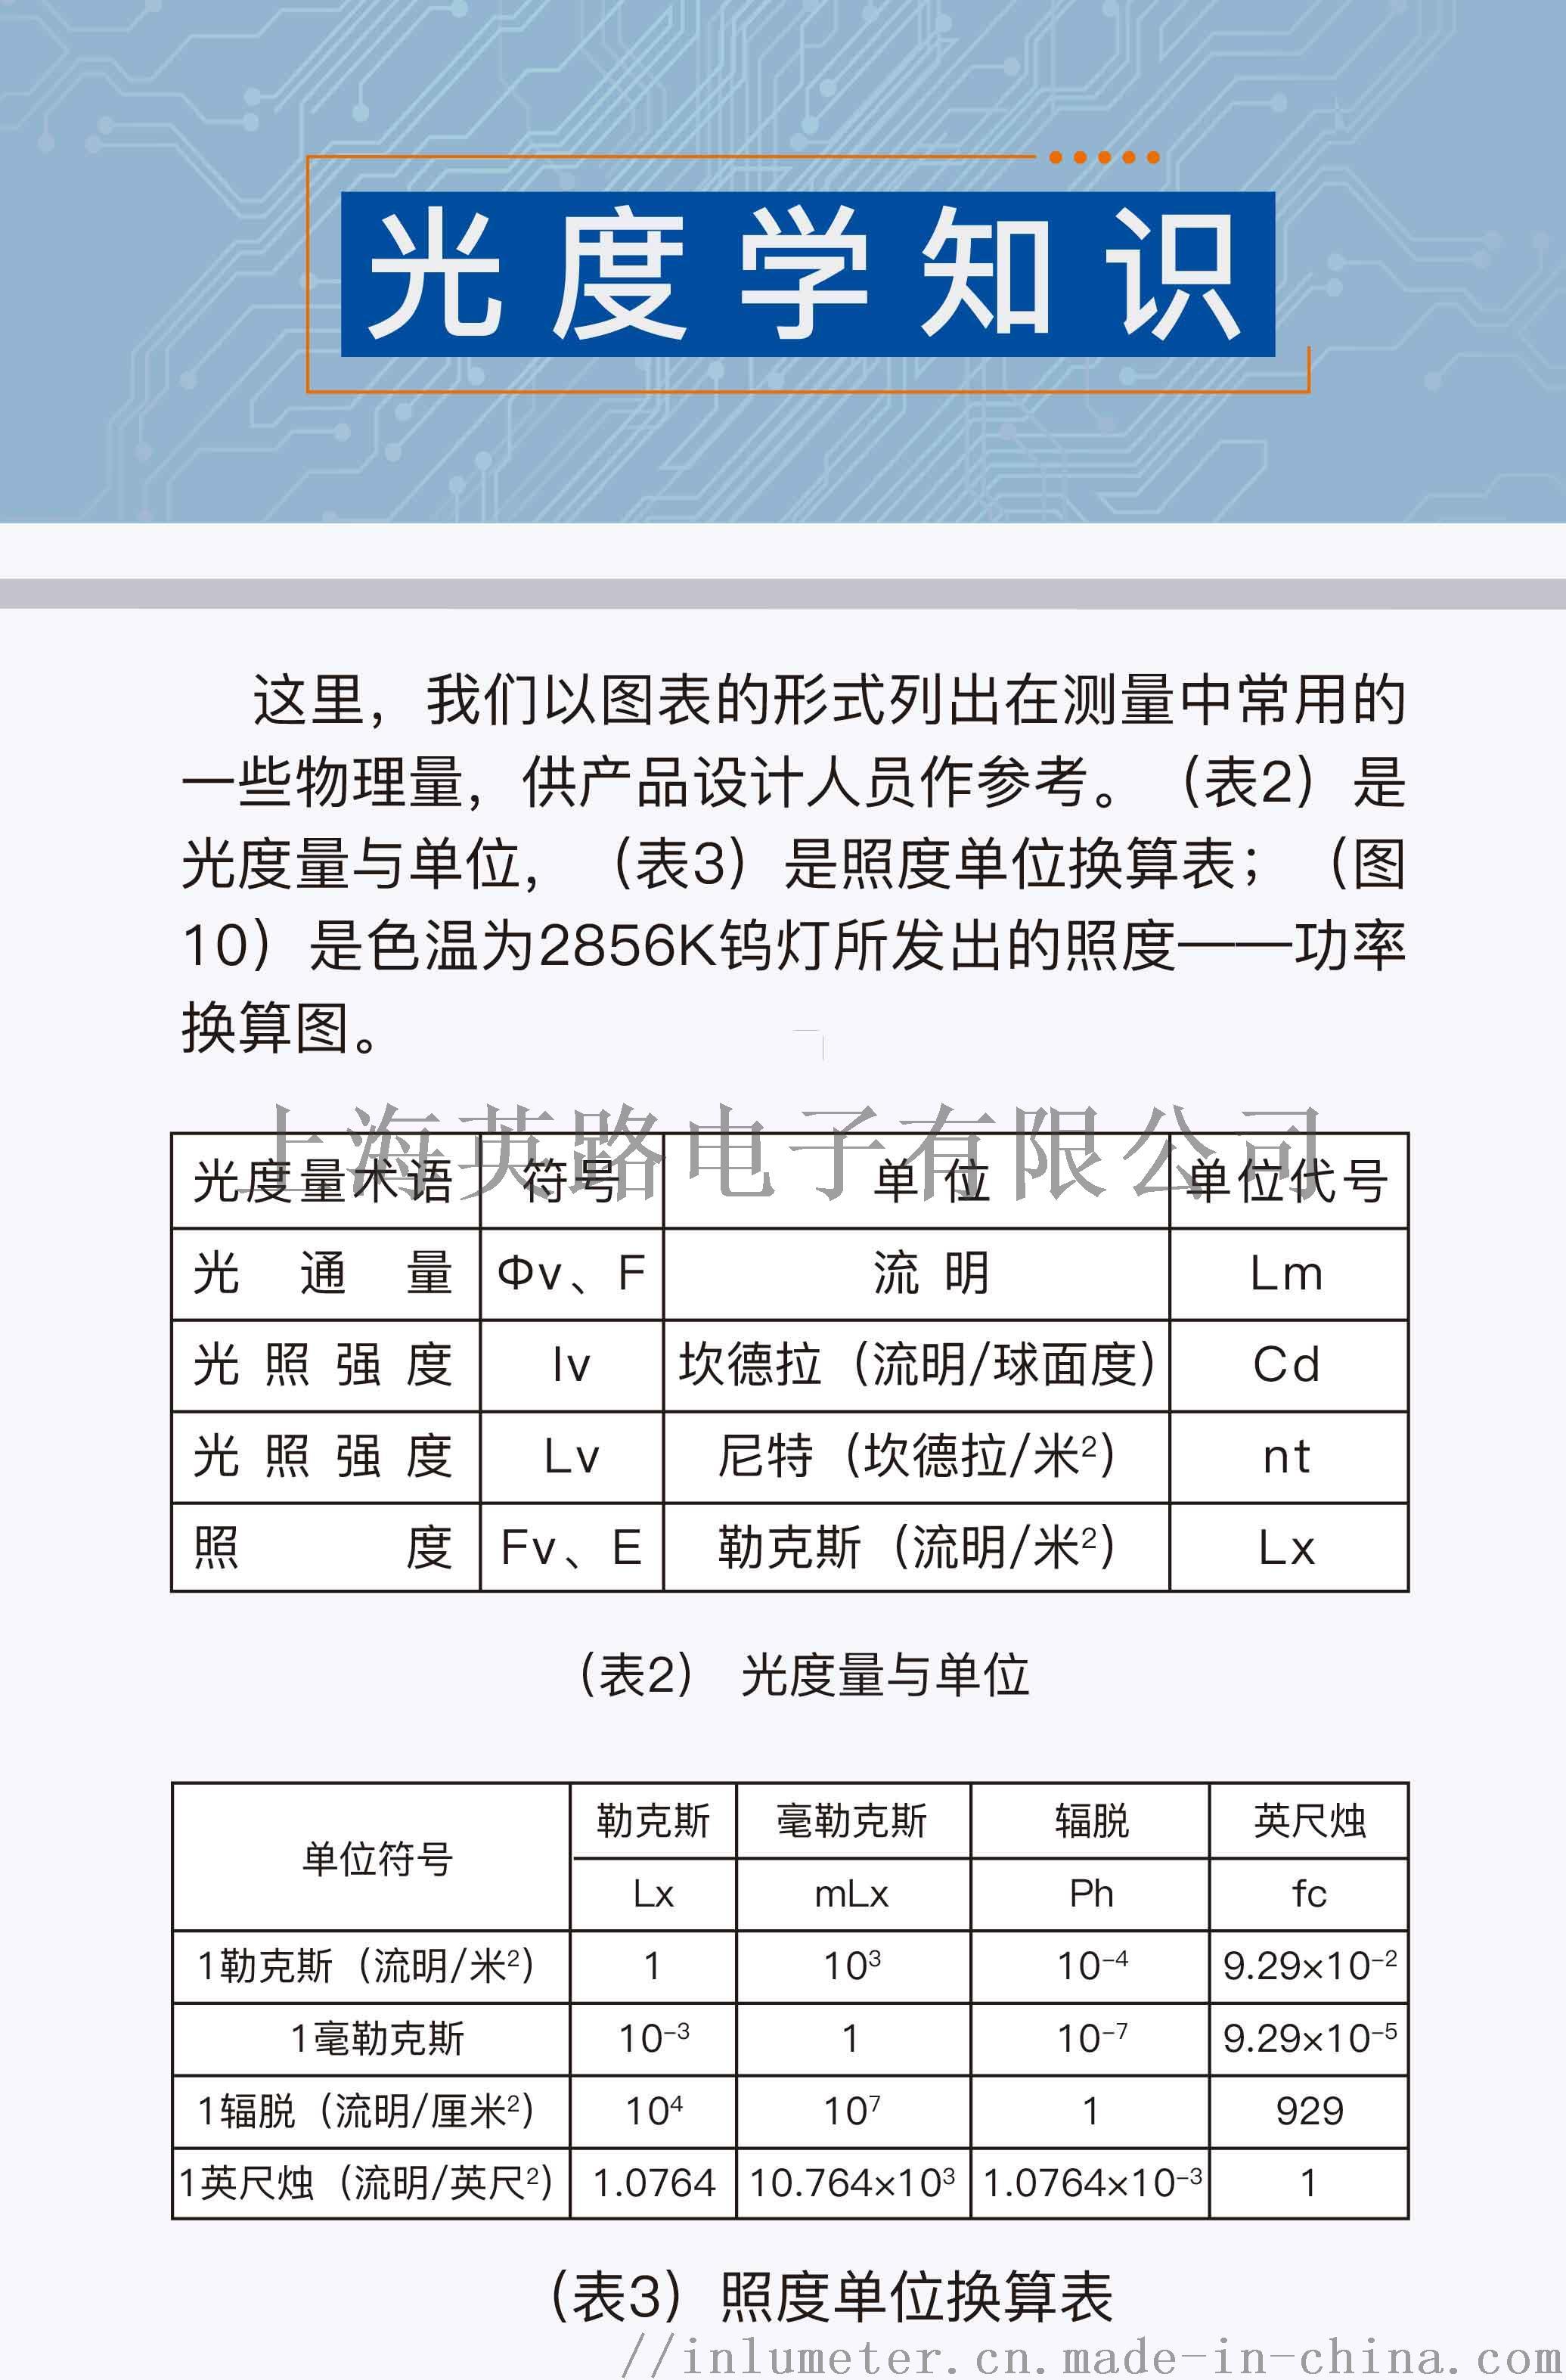 供应高品质硅光电池2CU025E149381345